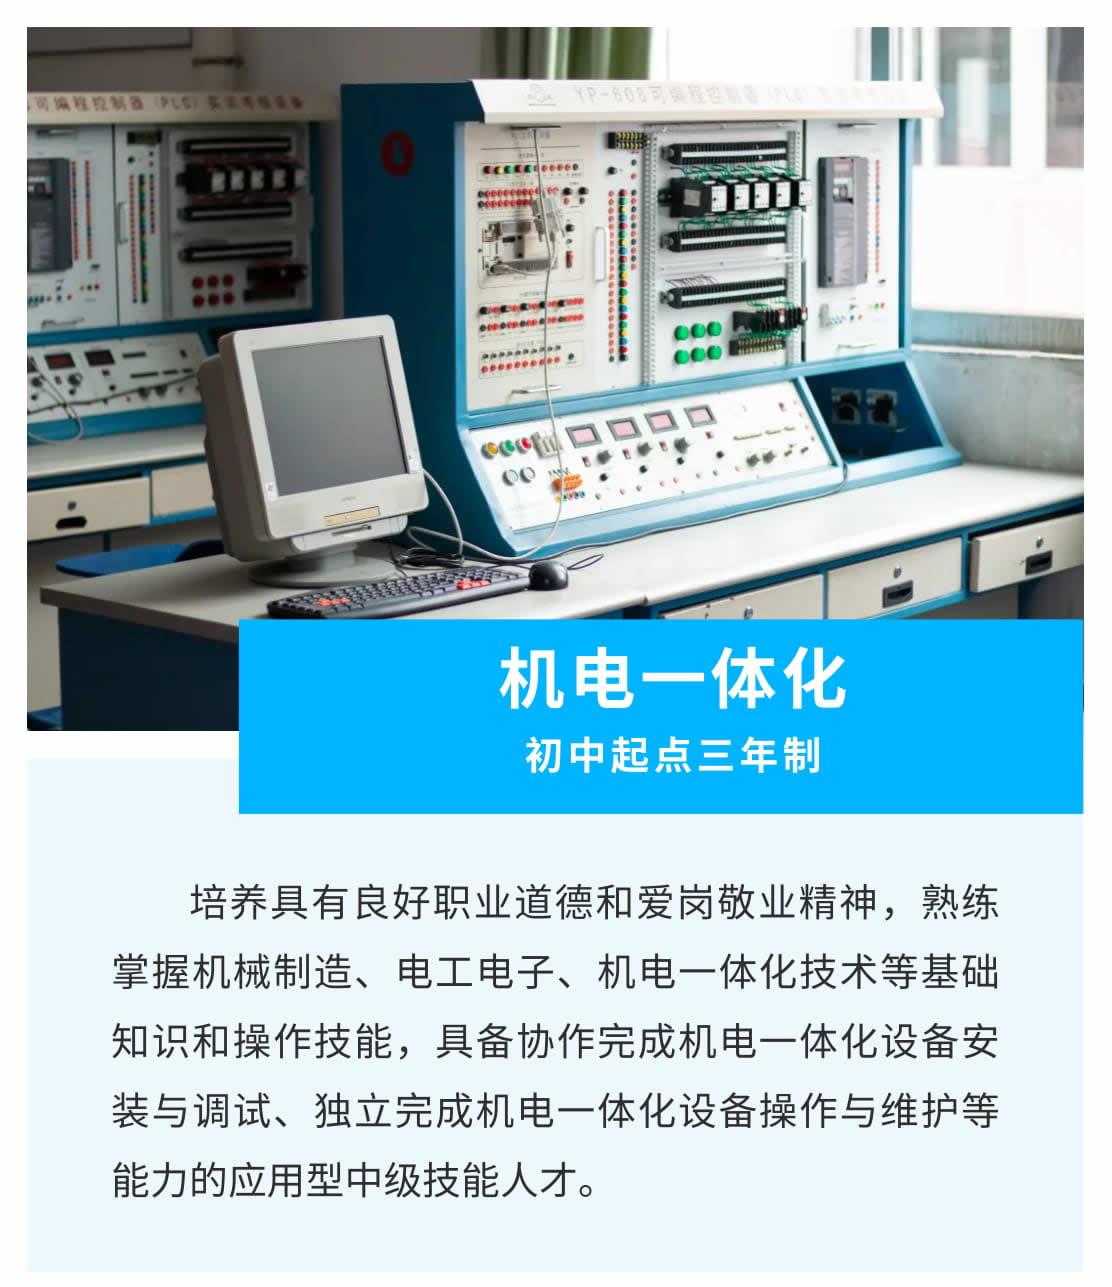 机电一体化(初中起点三年制)-1_r1_c1.jpg